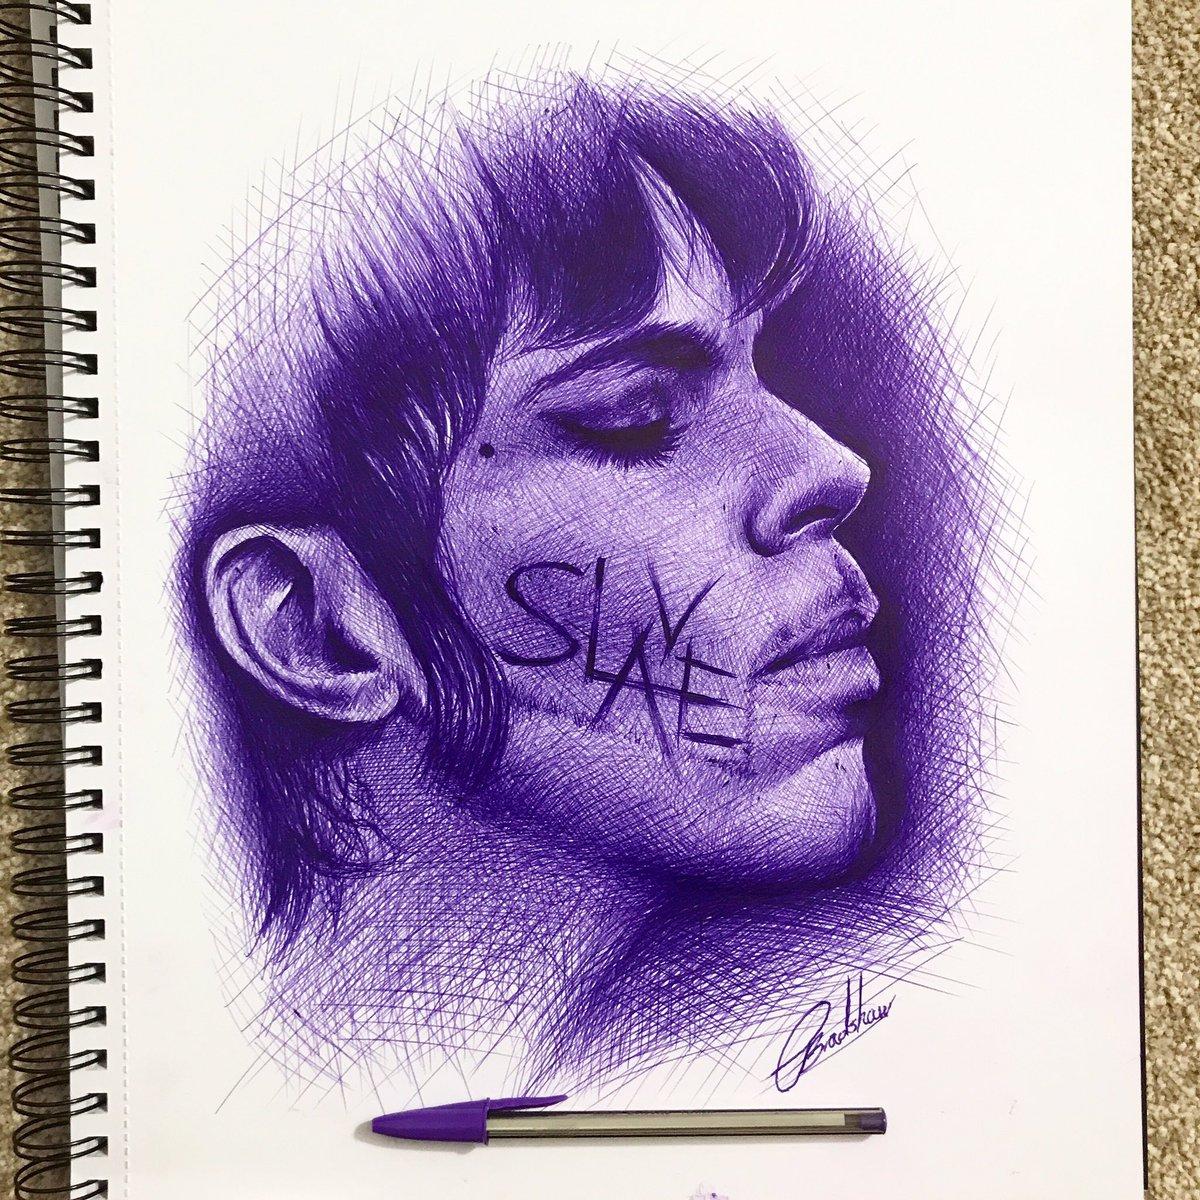 Purple ink sketch of #Prince. #ballpointpen #inksketch #ink #purplerain https://t.co/Vgs1N1i4Ye